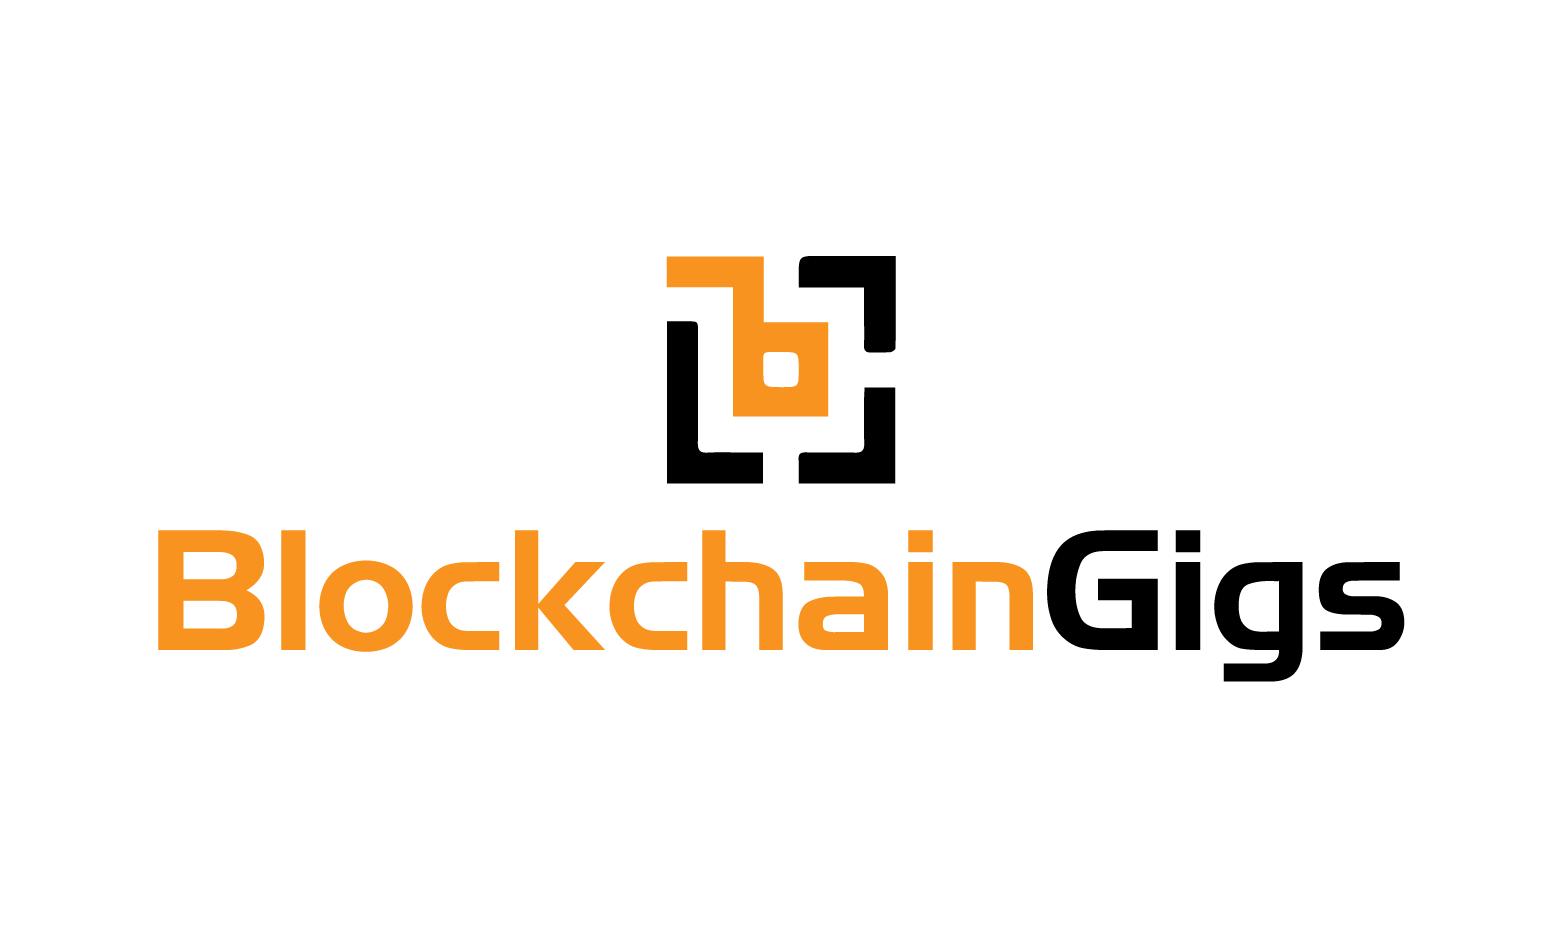 BlockchainGigs.com